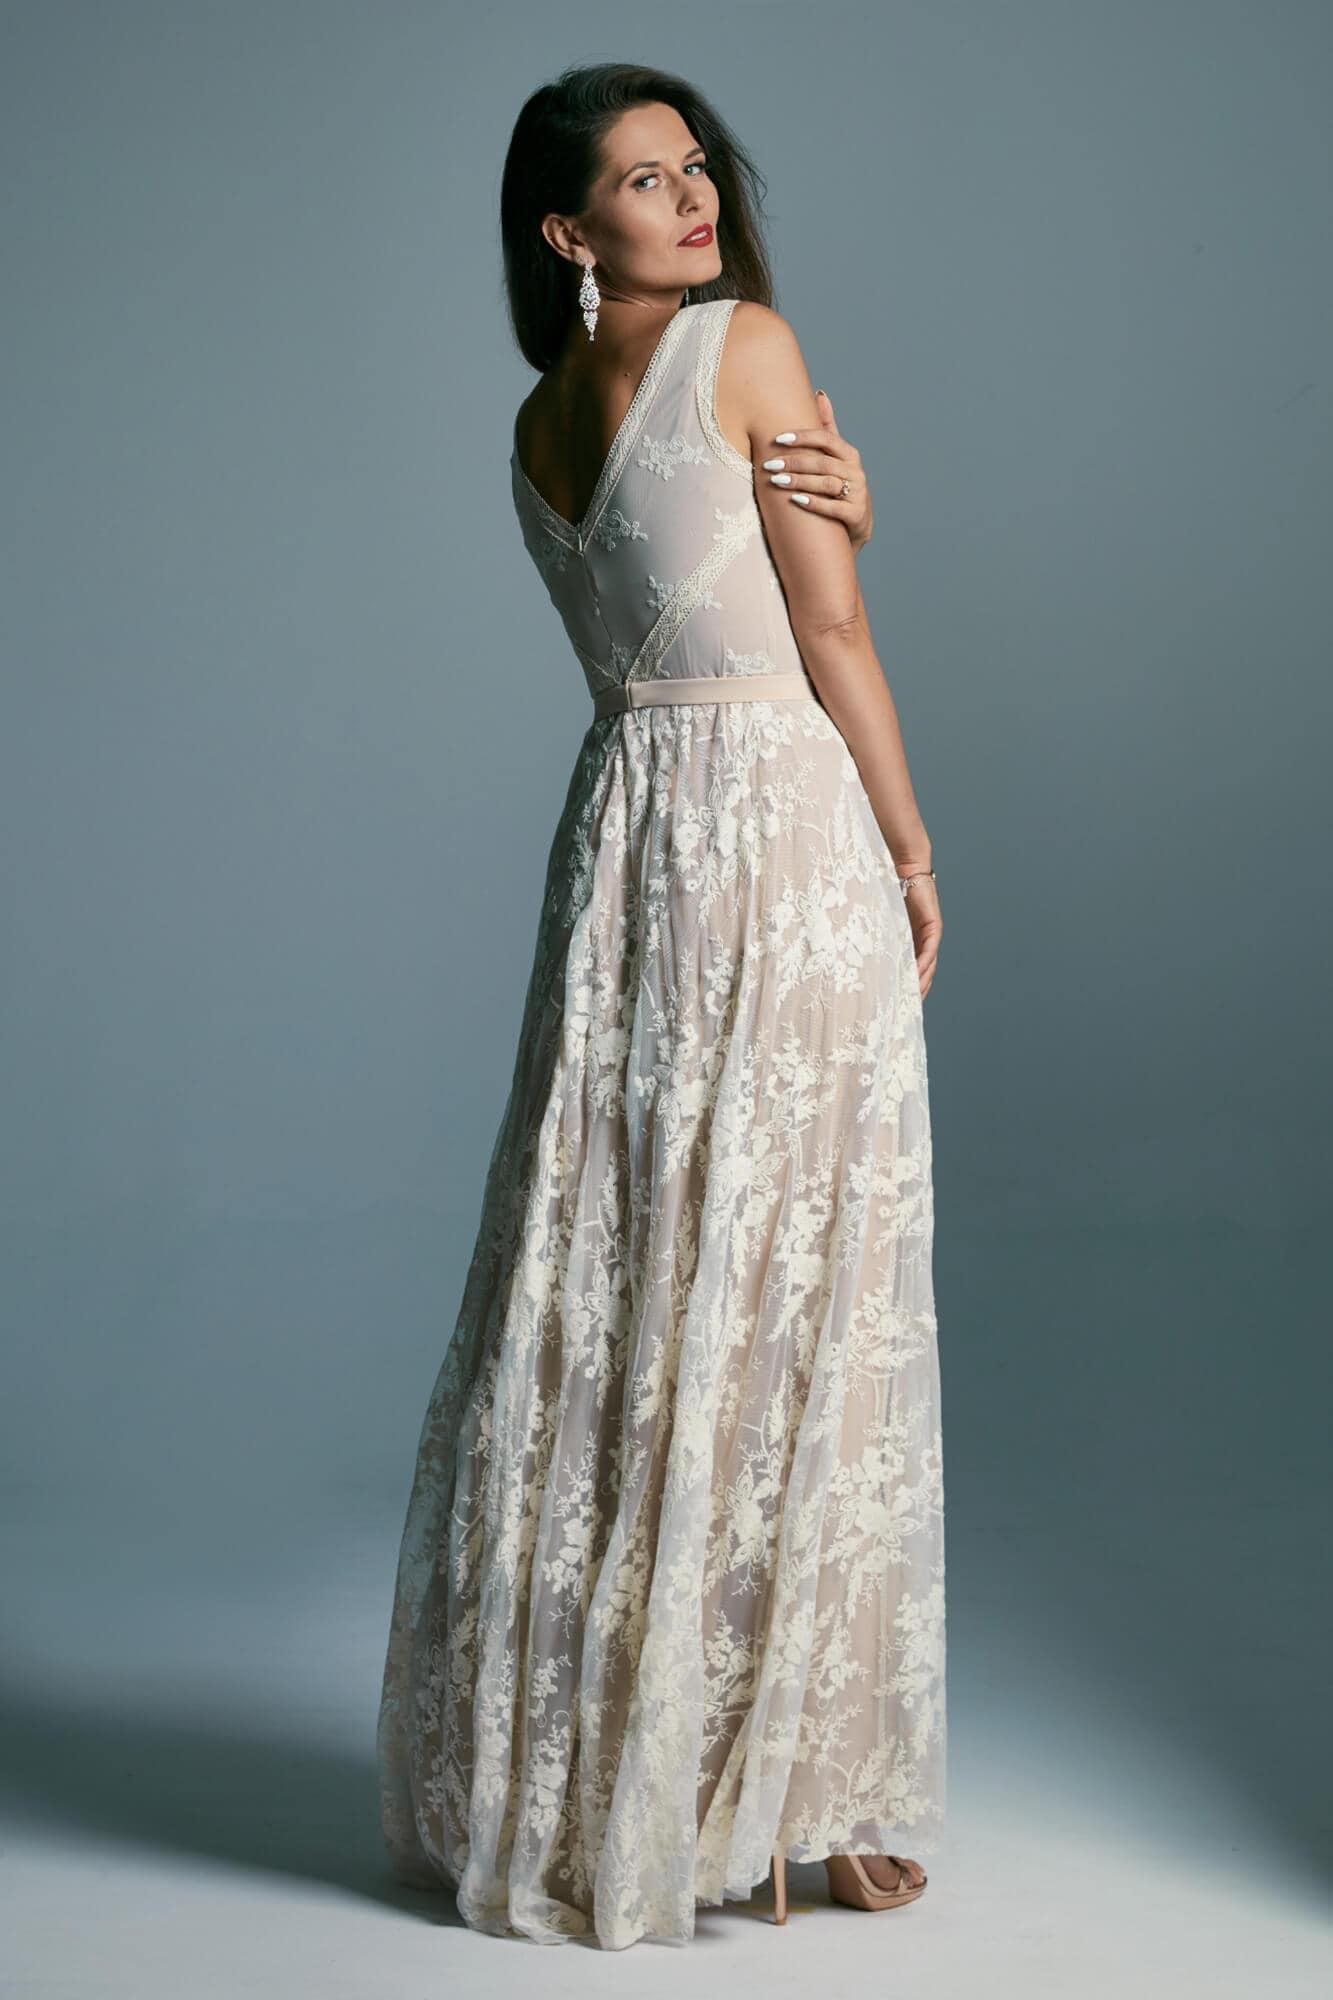 Klasyczna w formie suknia ślubna, z pięknej koronki na cielistej podszewce Barcelona 19